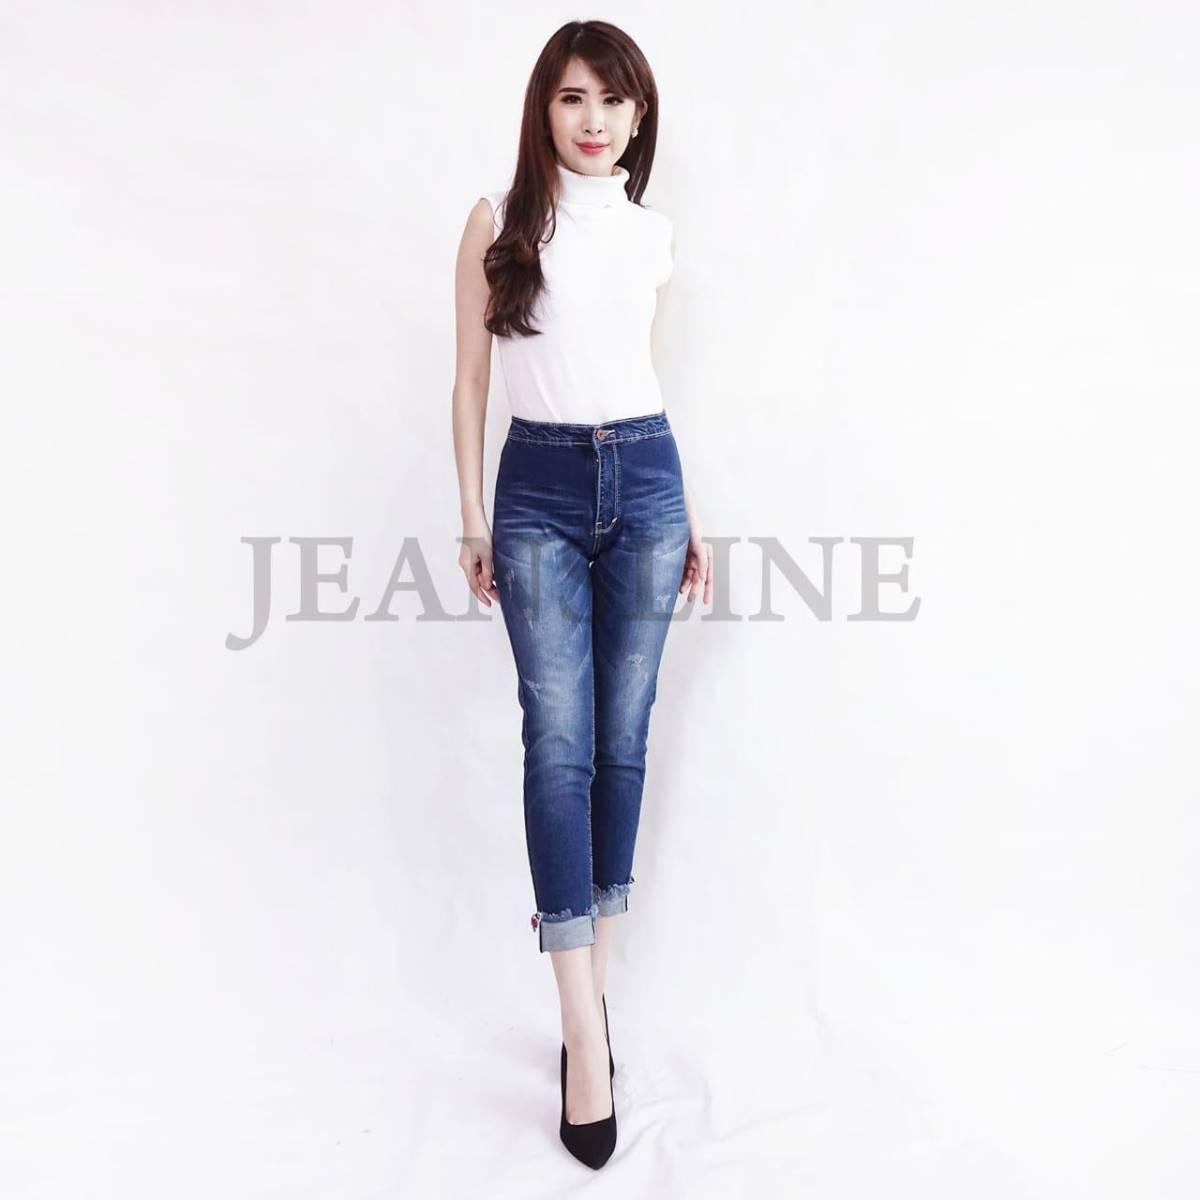 Celana Panjang Jeans Wanita - Paket 4 Pcs (size 27, 28, 29, 30)1